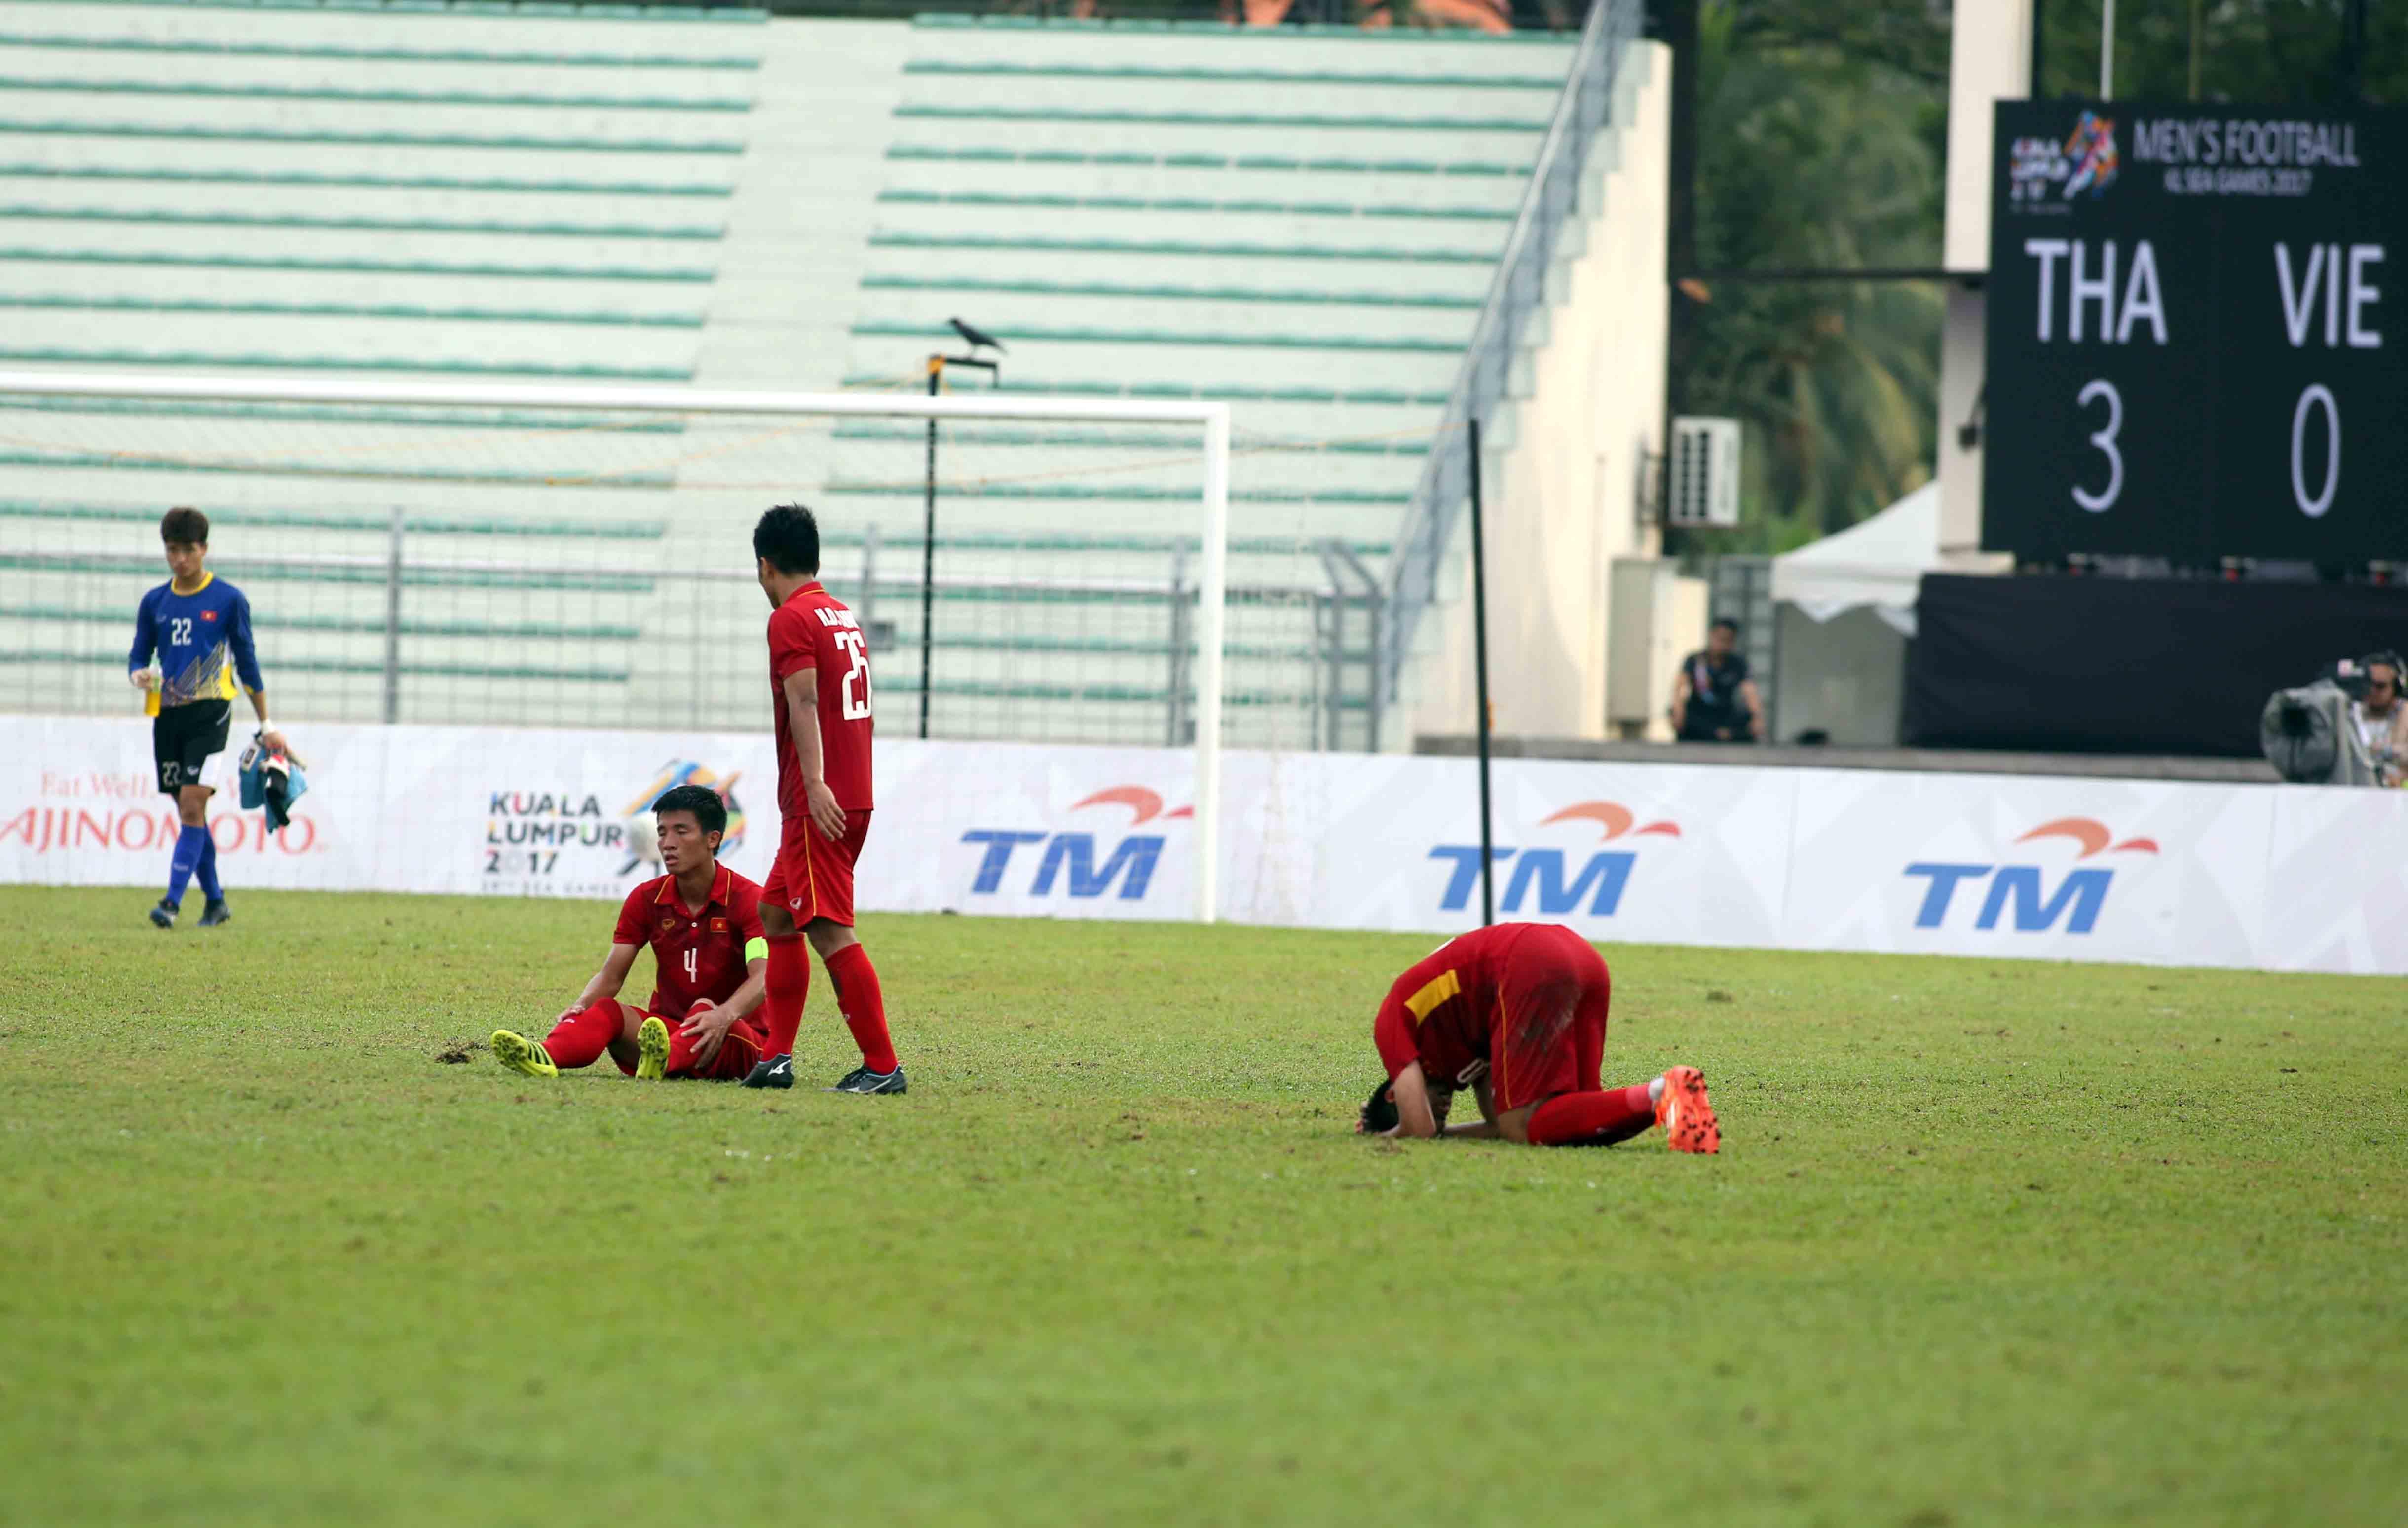 Nỗi thất vọng của các tuyển thủ U-22 VN sau trận thua Thái Lan 0-3 ở SEA Games 2017. Ảnh:N.KHÔI